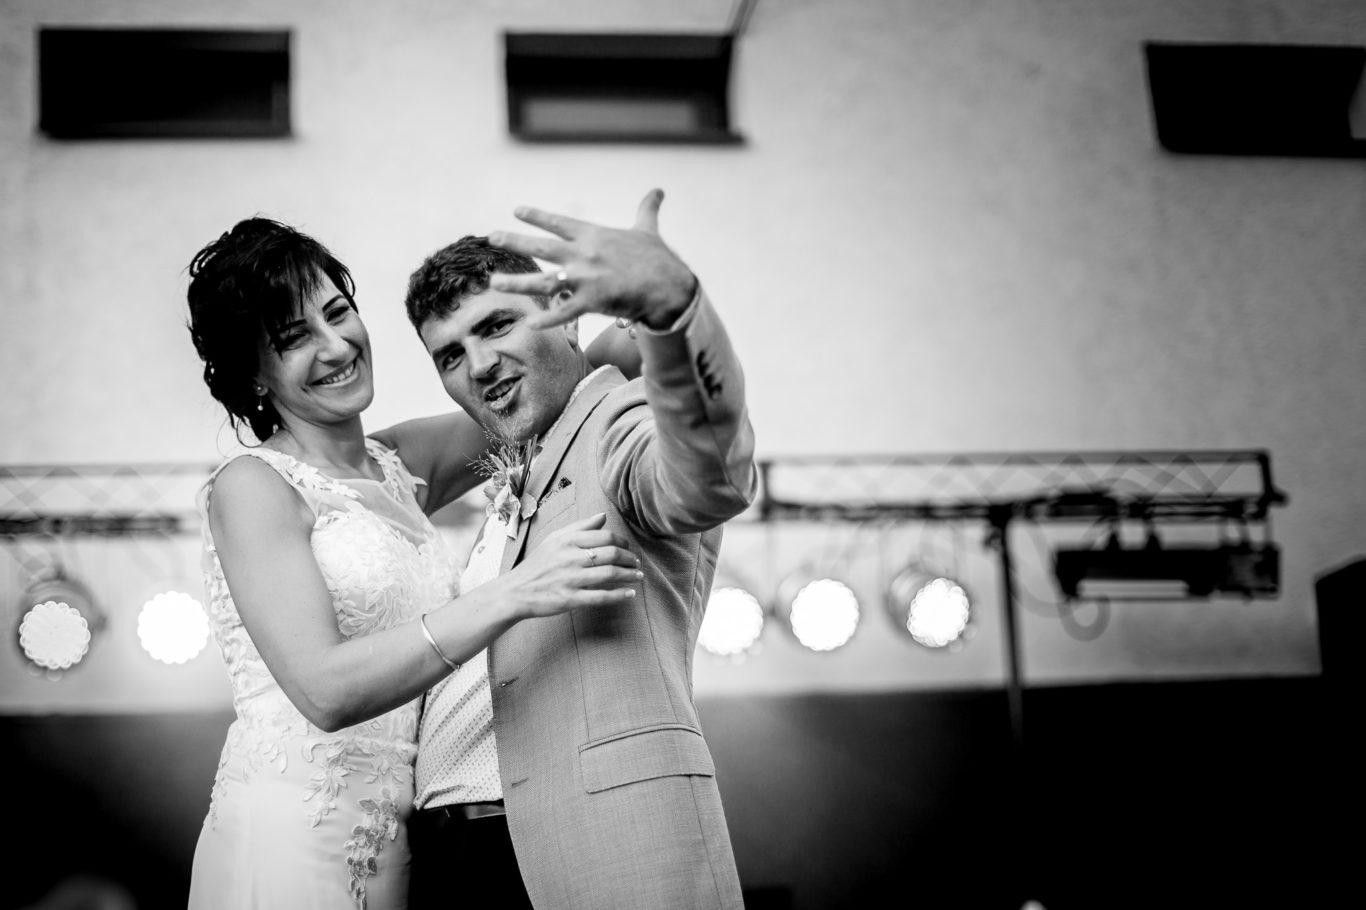 0533-fotografie-nunta-valea-de-pesti-vero-dani-fotograf-ciprian-dumitrescu-dc1_1380